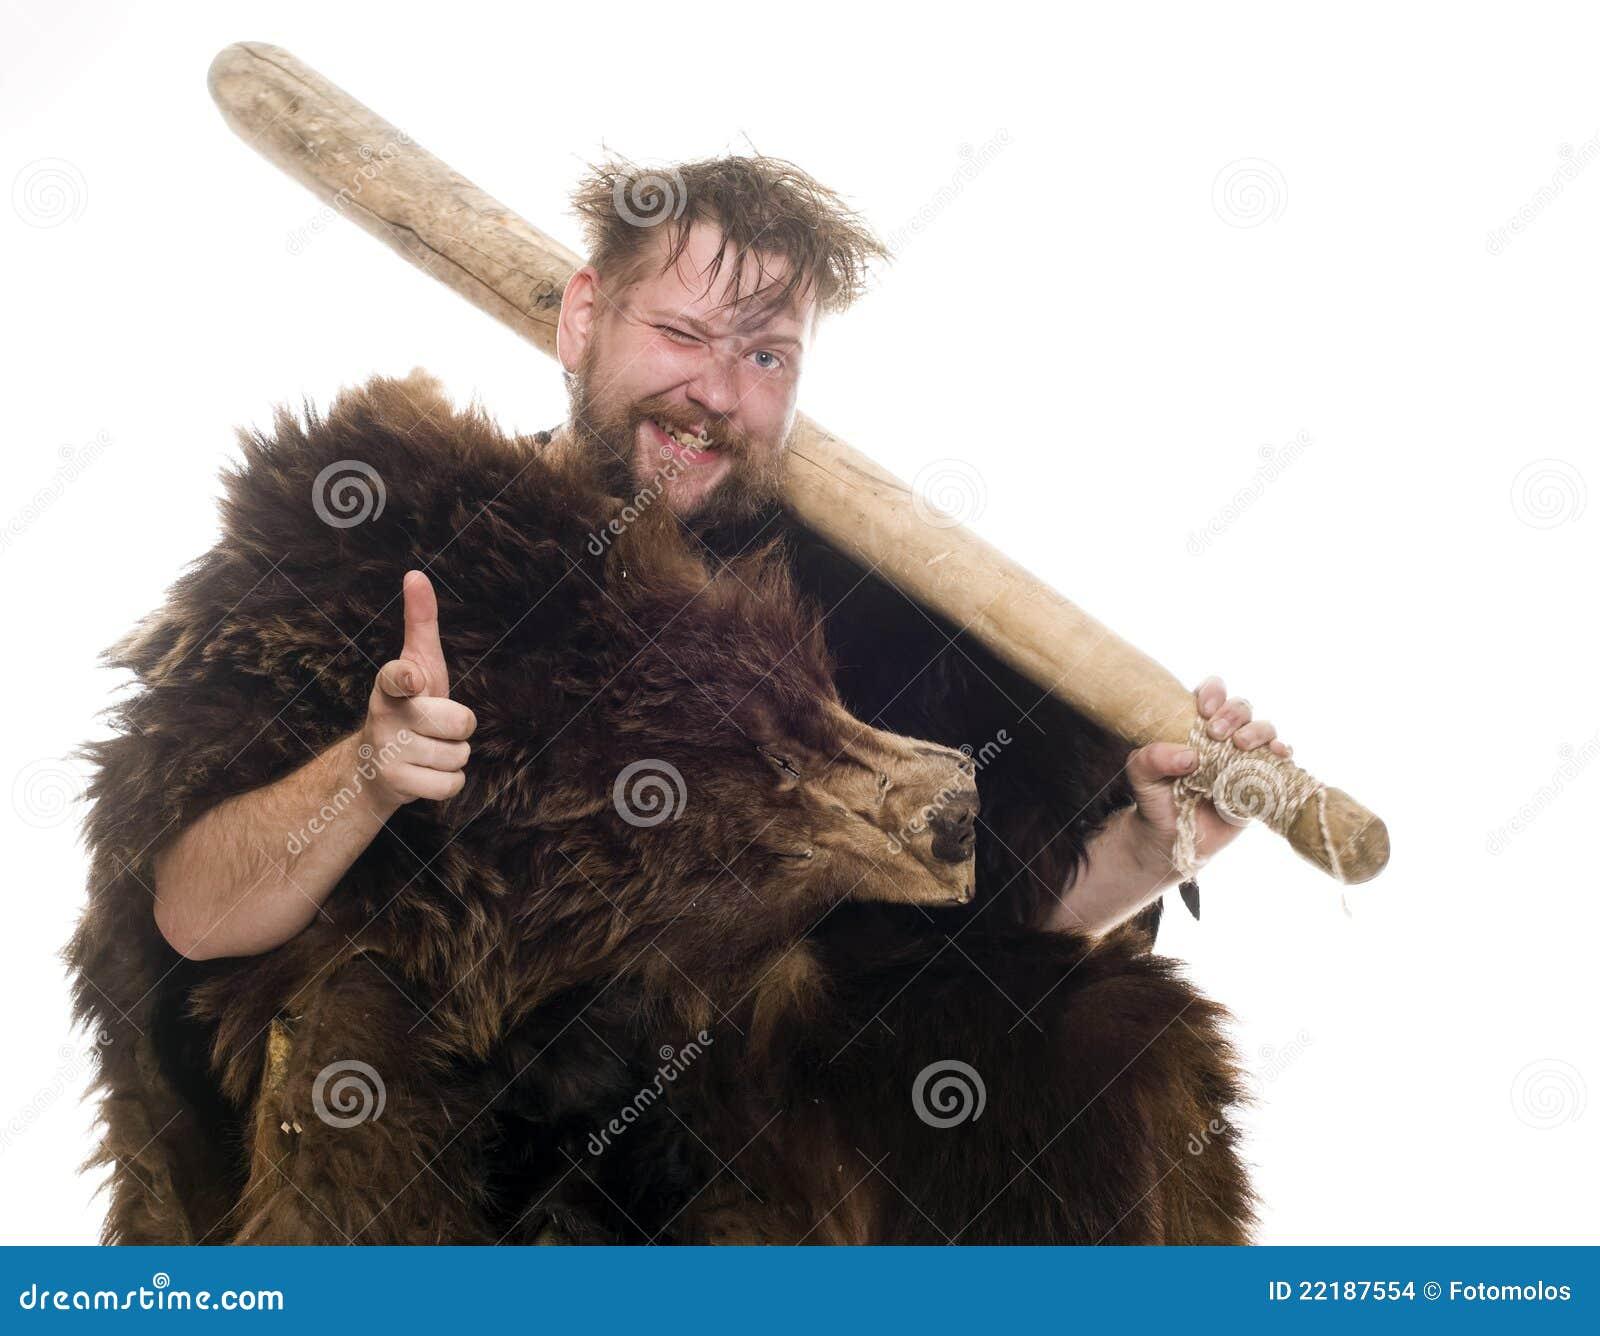 Höhlenbewohner in der Bärenhaut